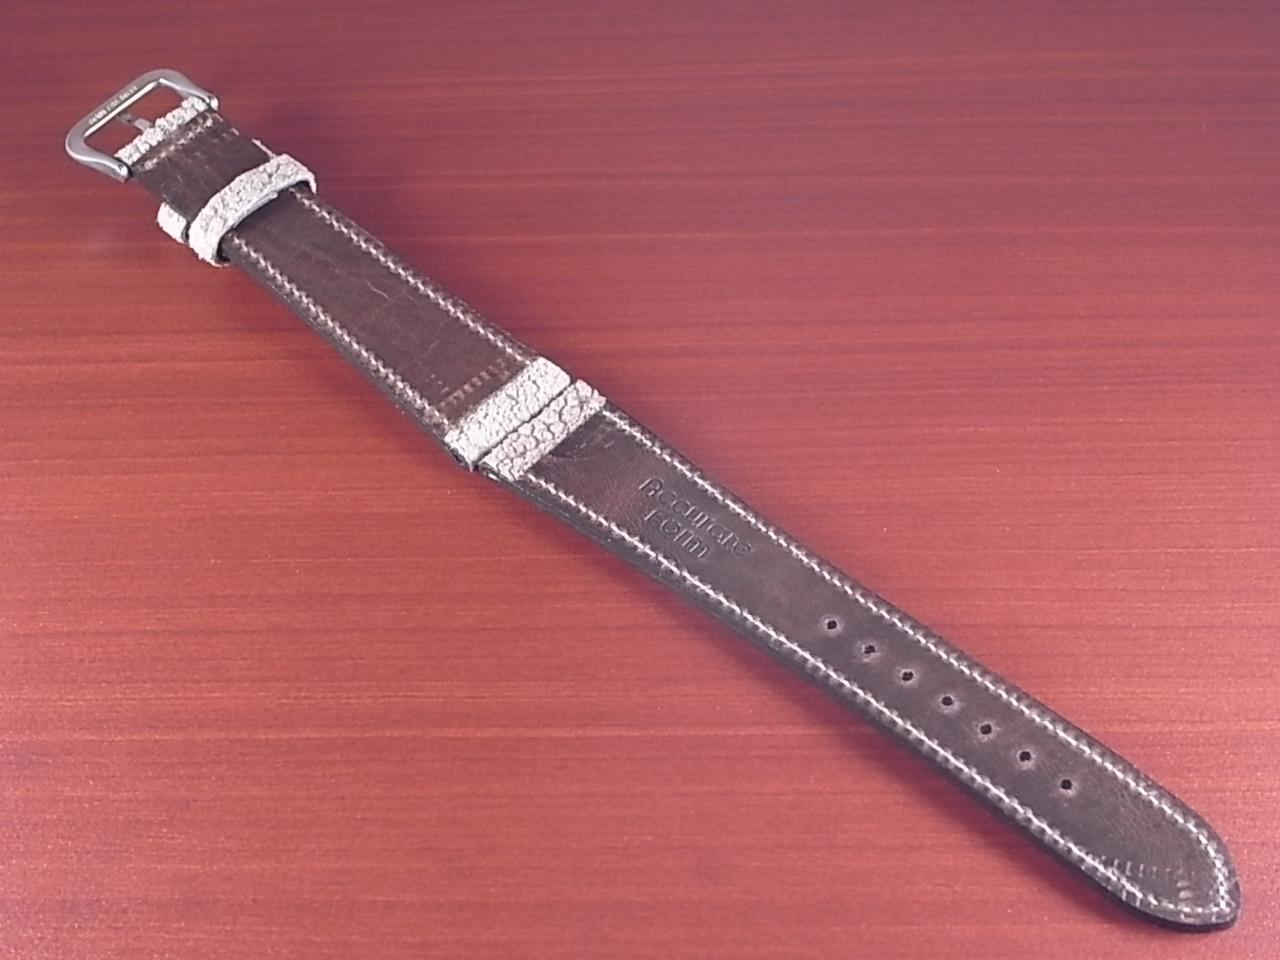 エレファント革ベルト ヴィンテージベージュ 18、20mm CBE-01aの写真2枚目